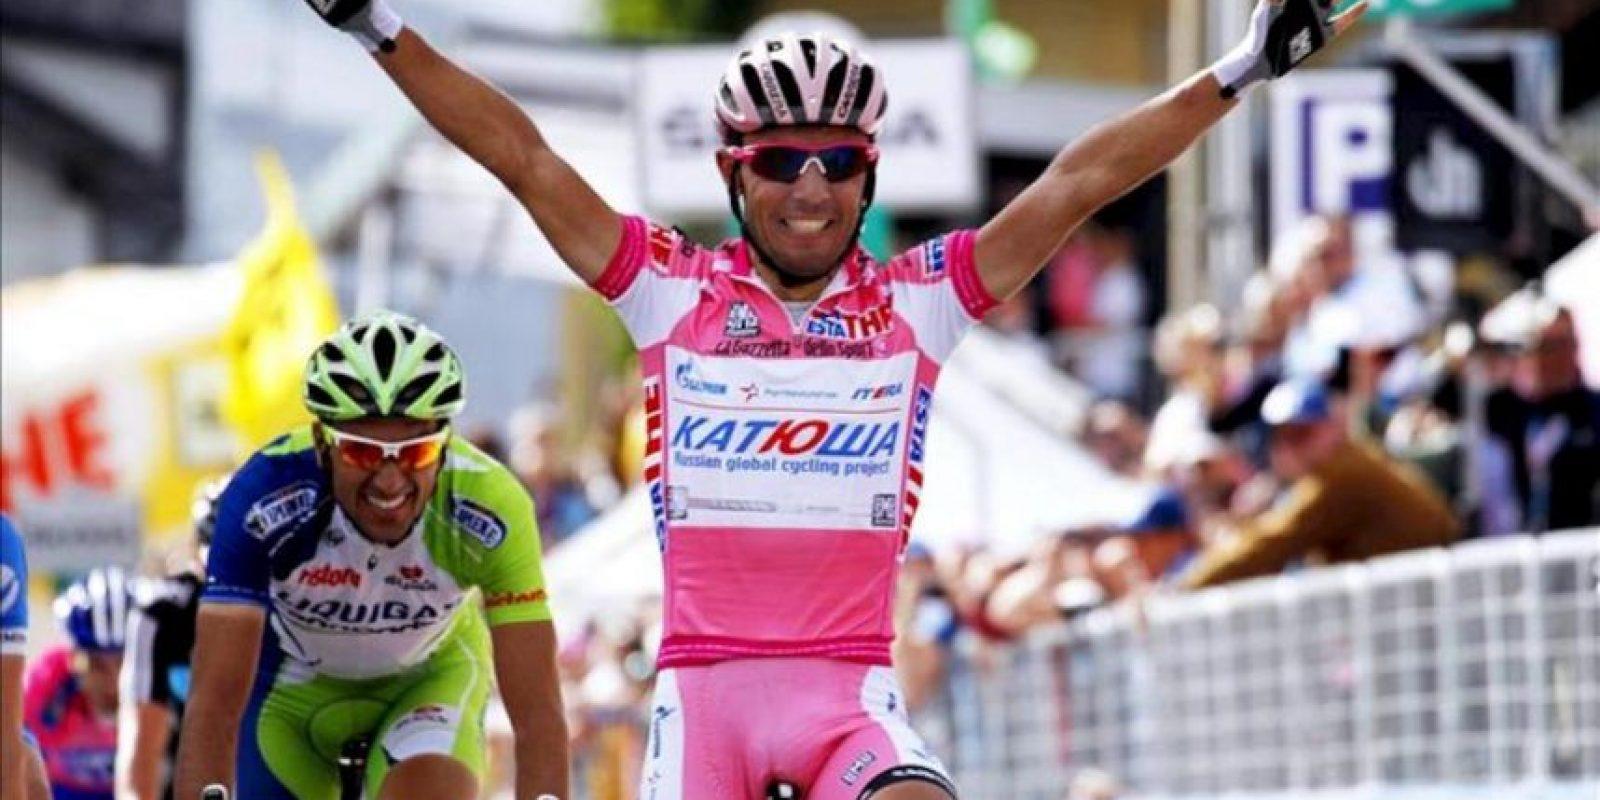 El ciclista español del Katusha, Joaquim 'Purito' Rodríguez, celebra la victoria conseguida en la decimoséptima etapa del Giro d'Italia. EFE